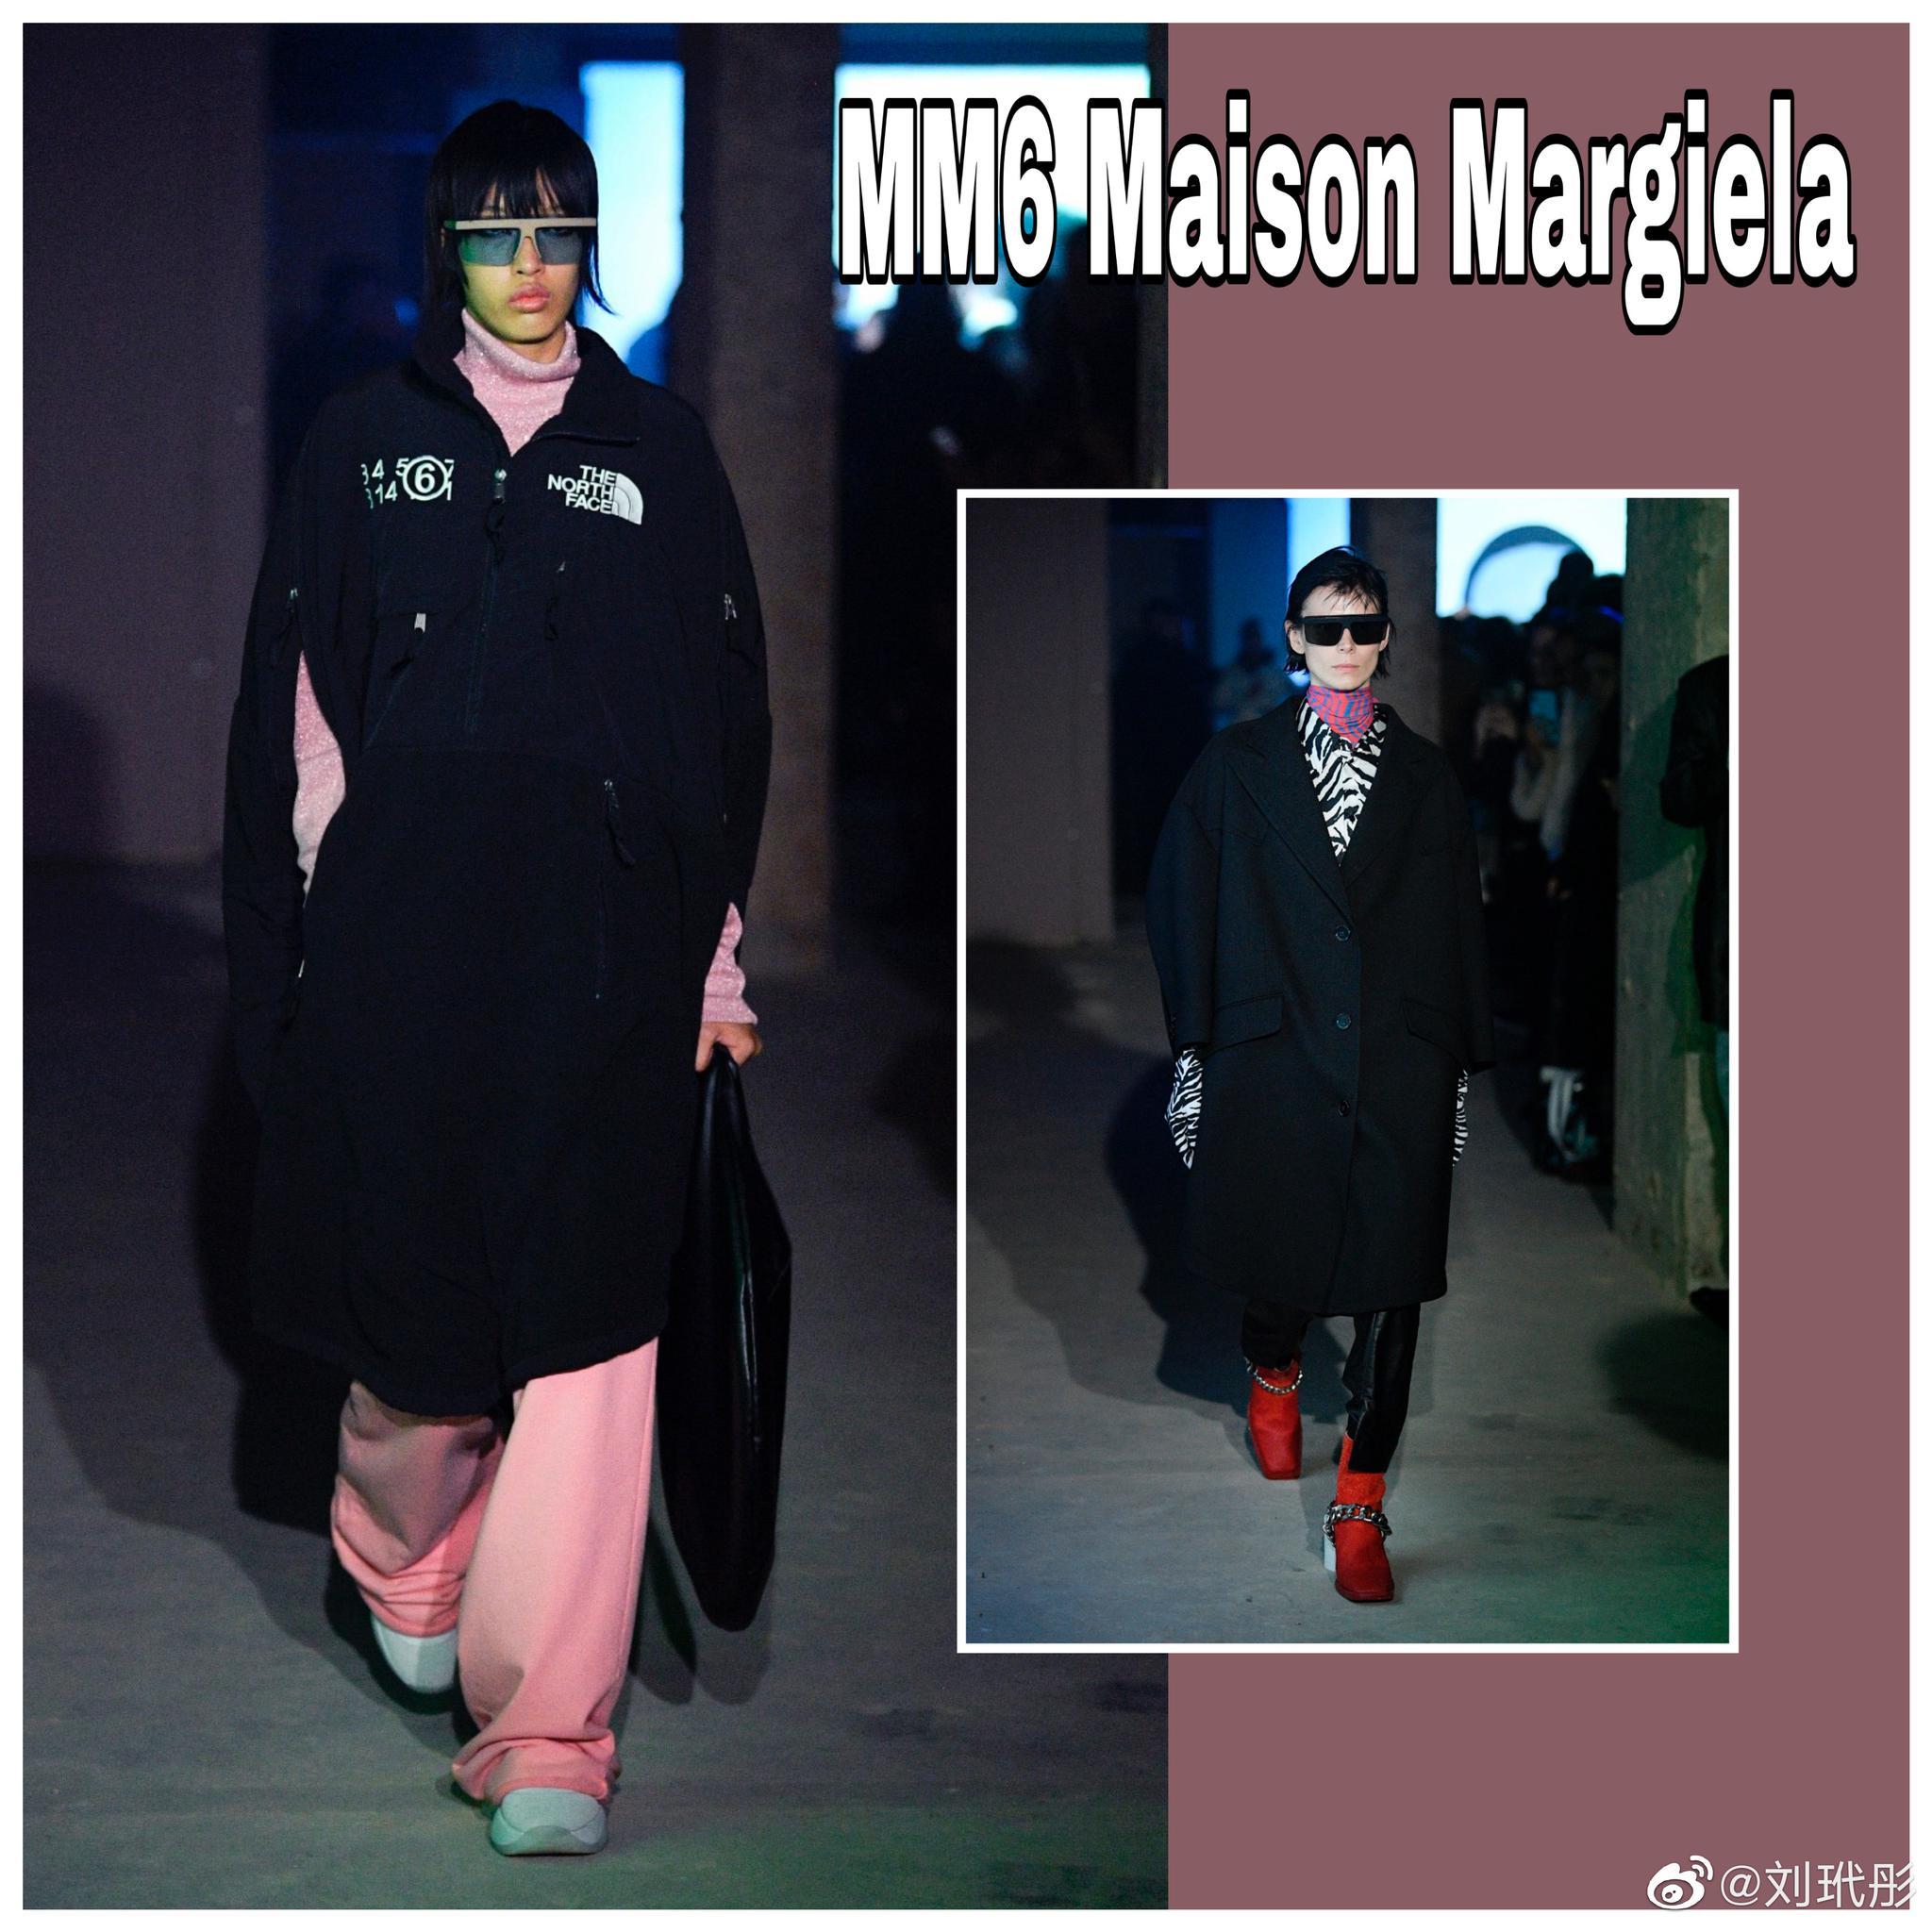 MM6 Maison Margiela 2020秋冬系列以纽约不同年代地下俱乐部文化与风